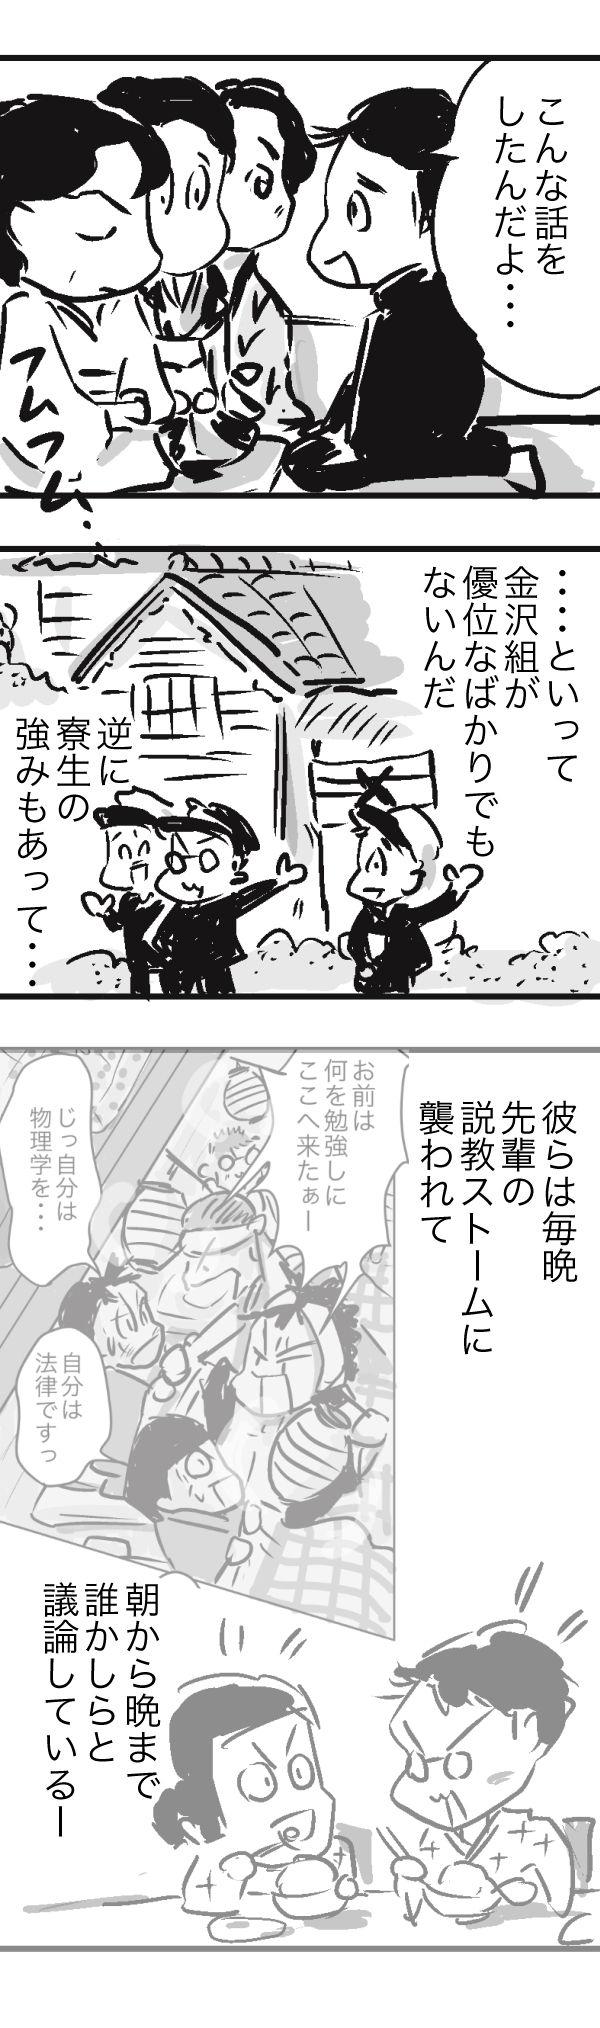 金沢3-3−4